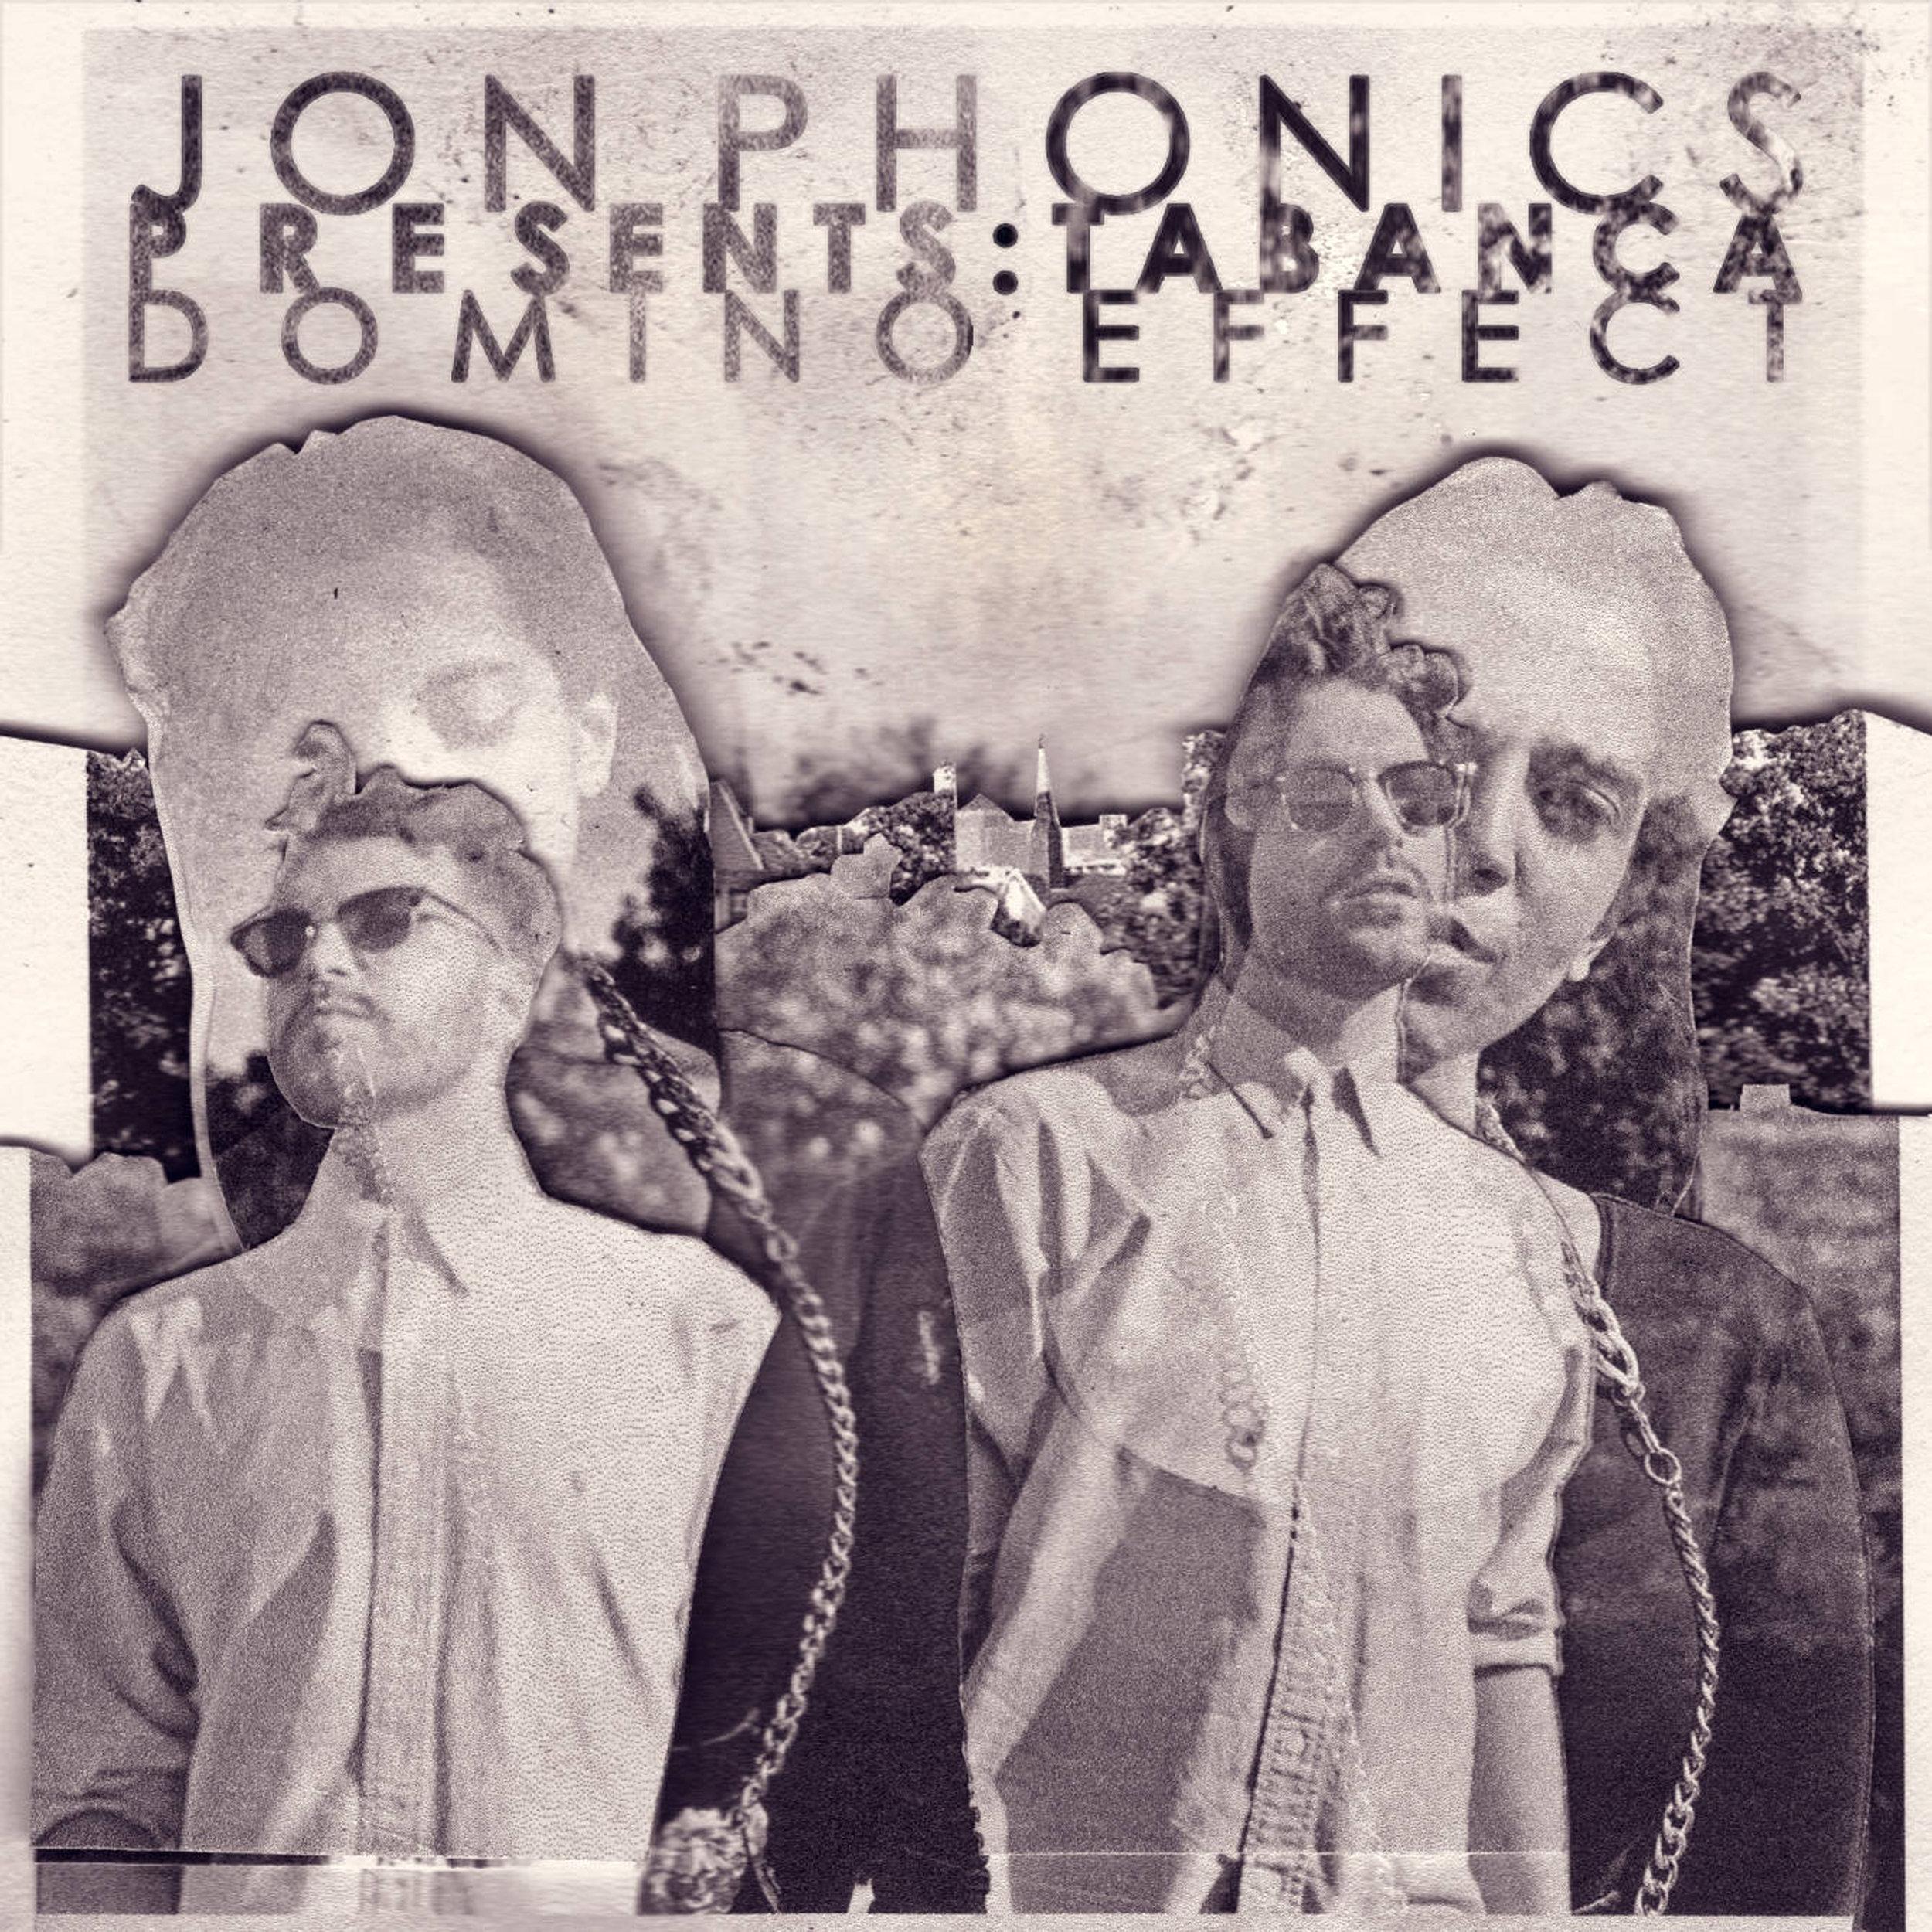 Jon Phonics Presents: Tabanca - Domino Effect EP - LISTEN / BUY